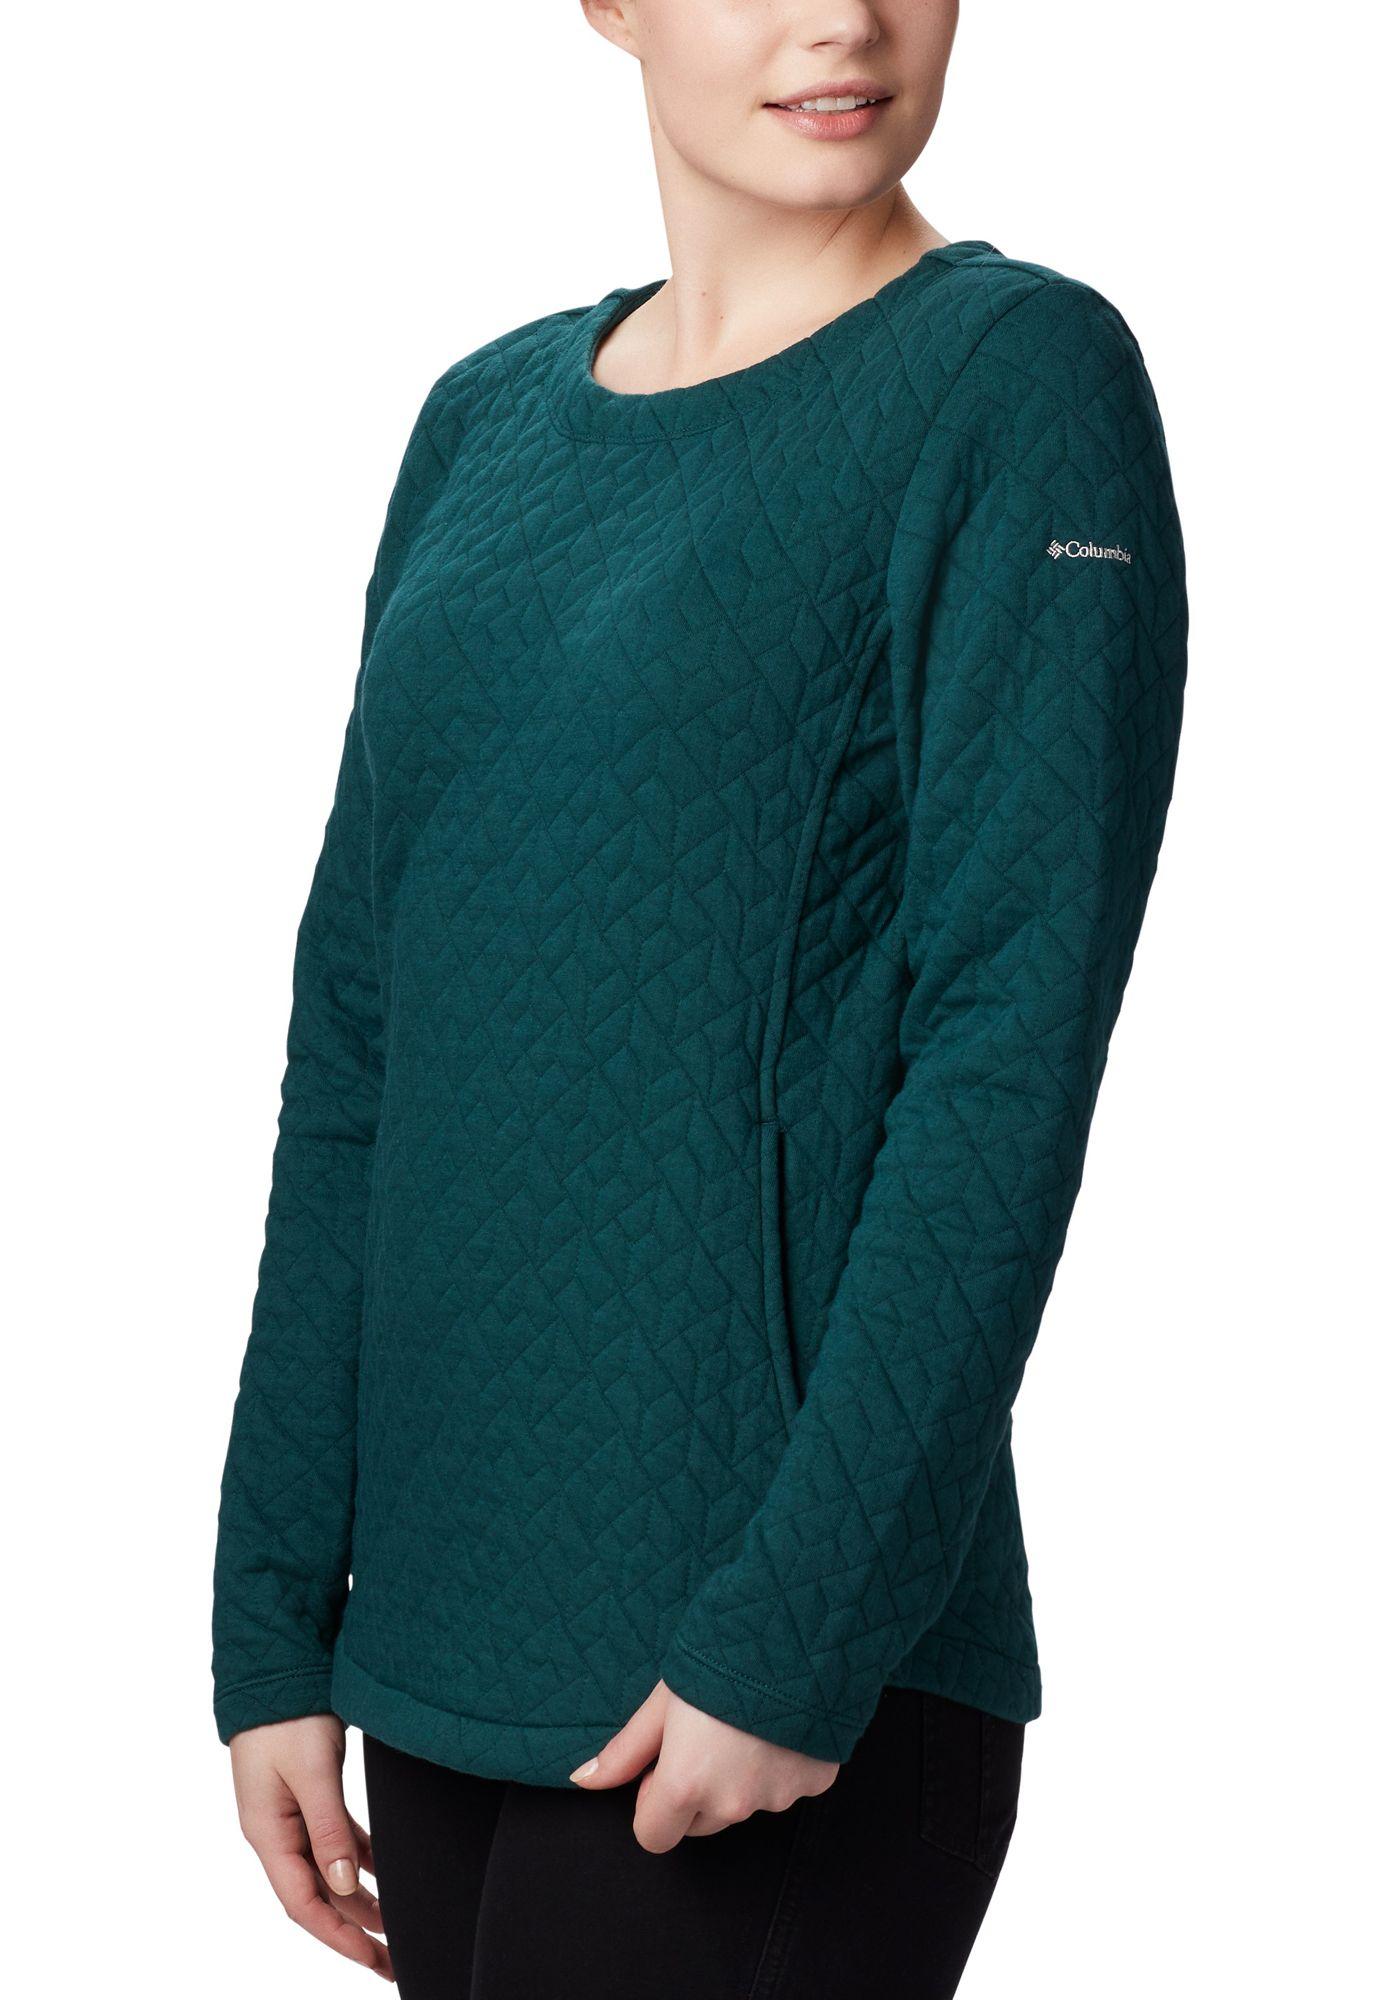 Columbia Women's Sunday Summit Pullover Sweatshirt